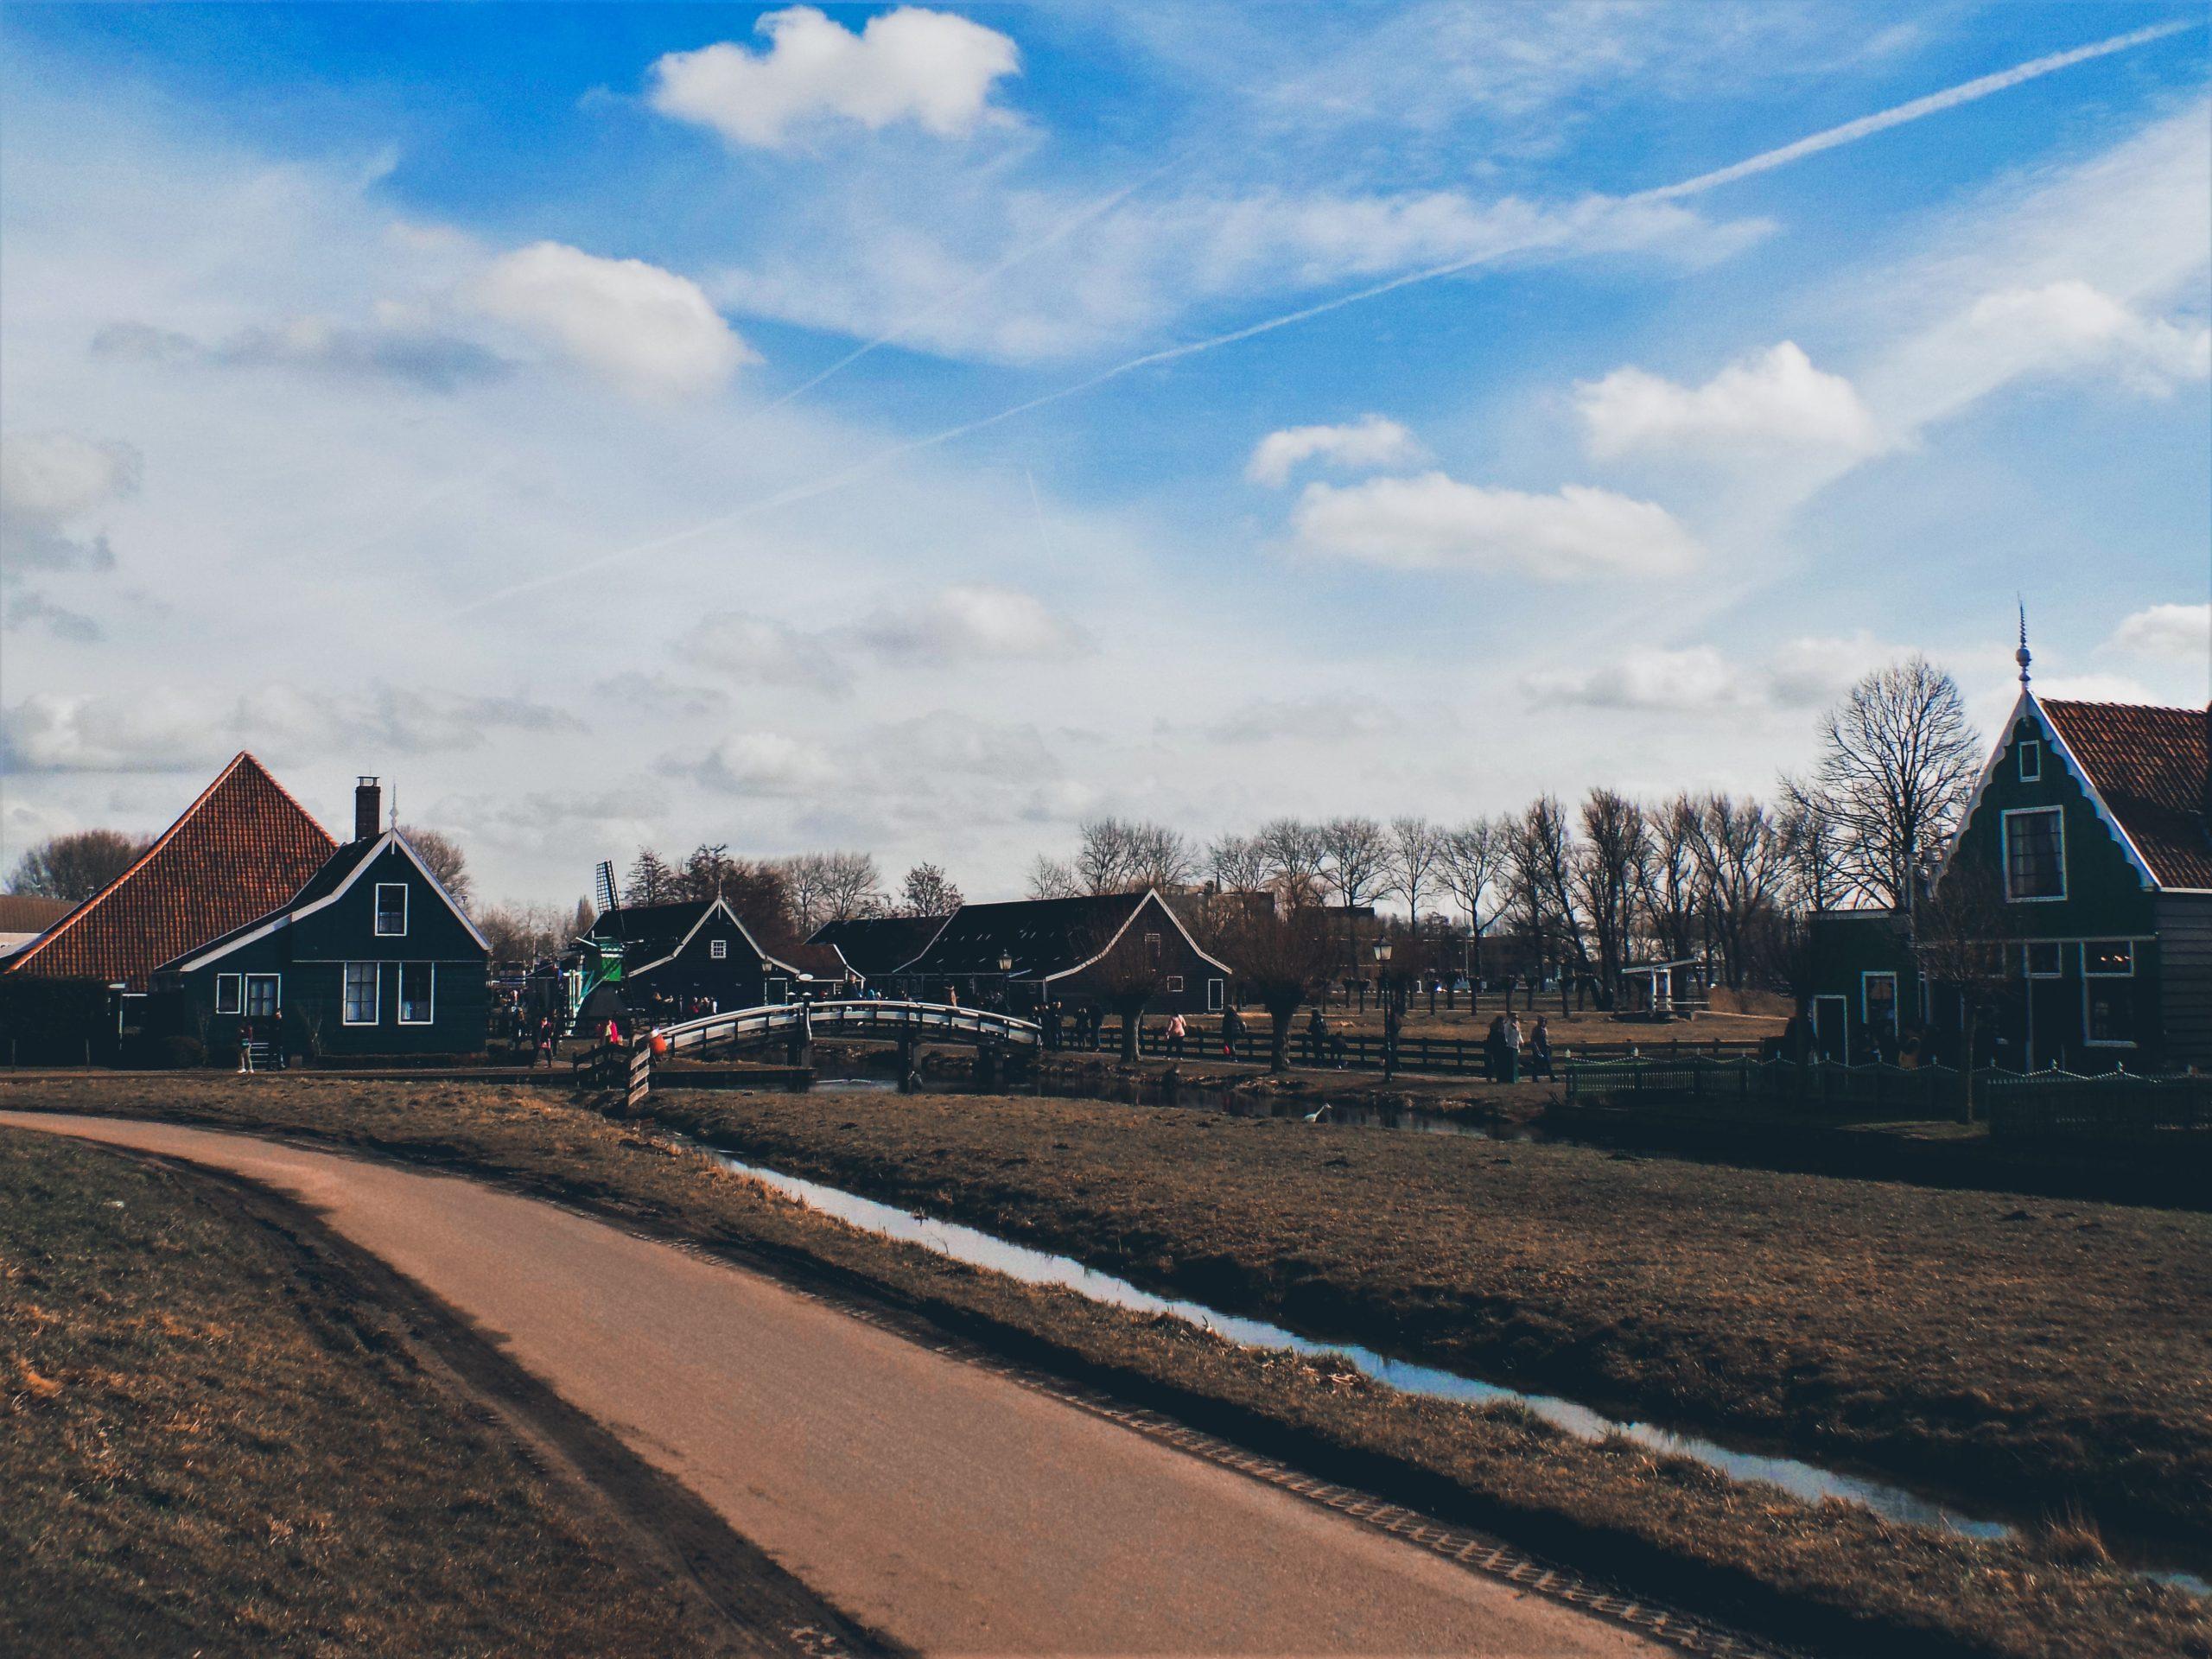 Zaanse Schans in the netherlands